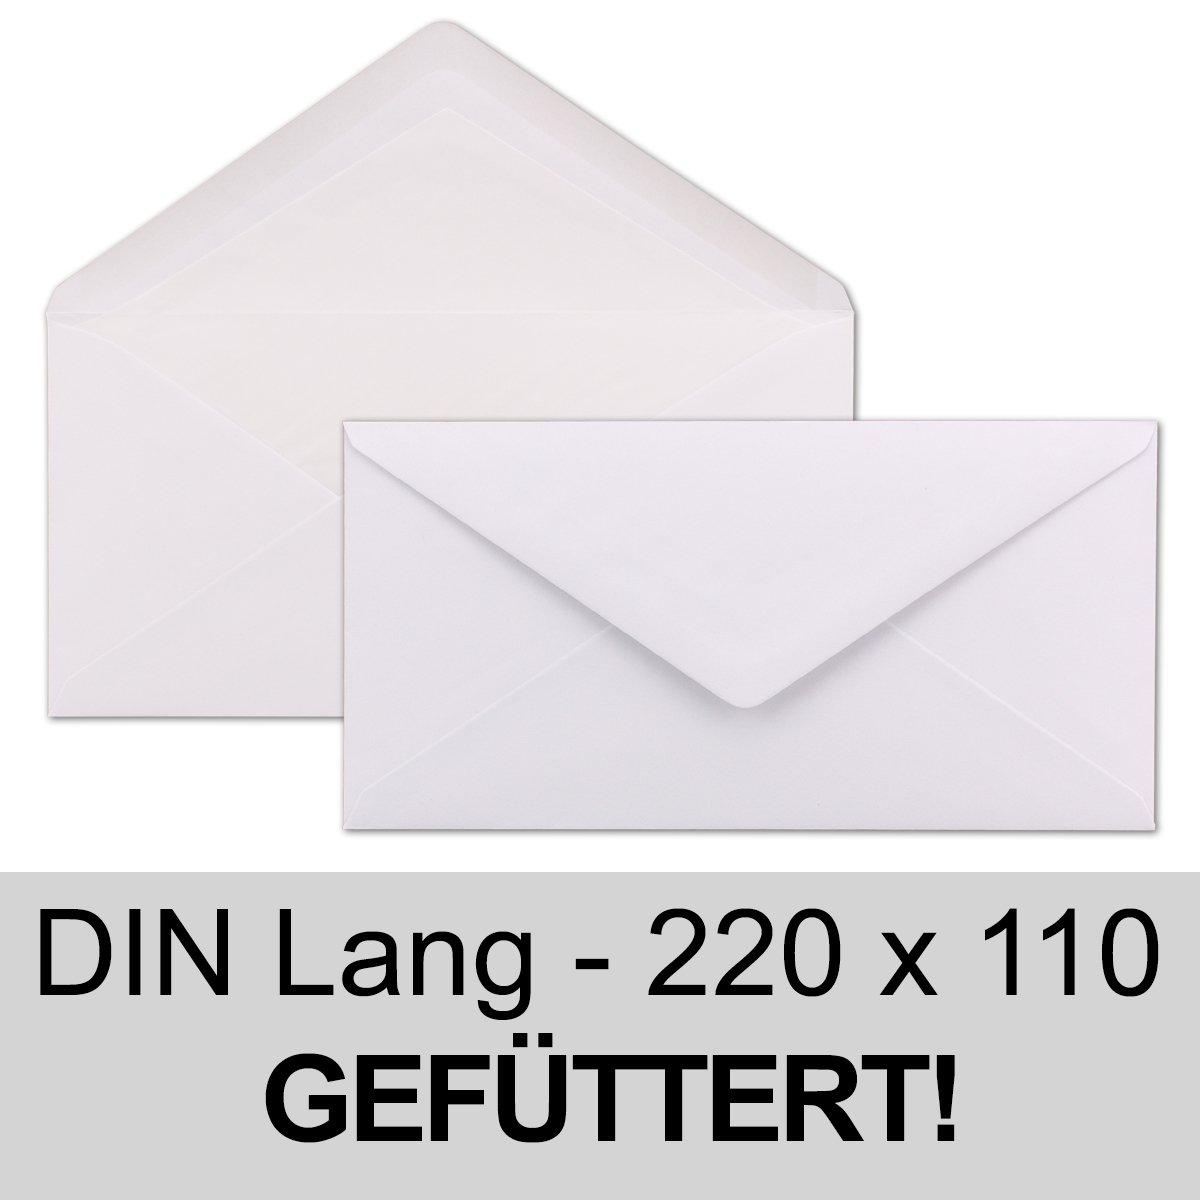 Attractive Gefüttert Druckpapier Festooning - FORTSETZUNG ...